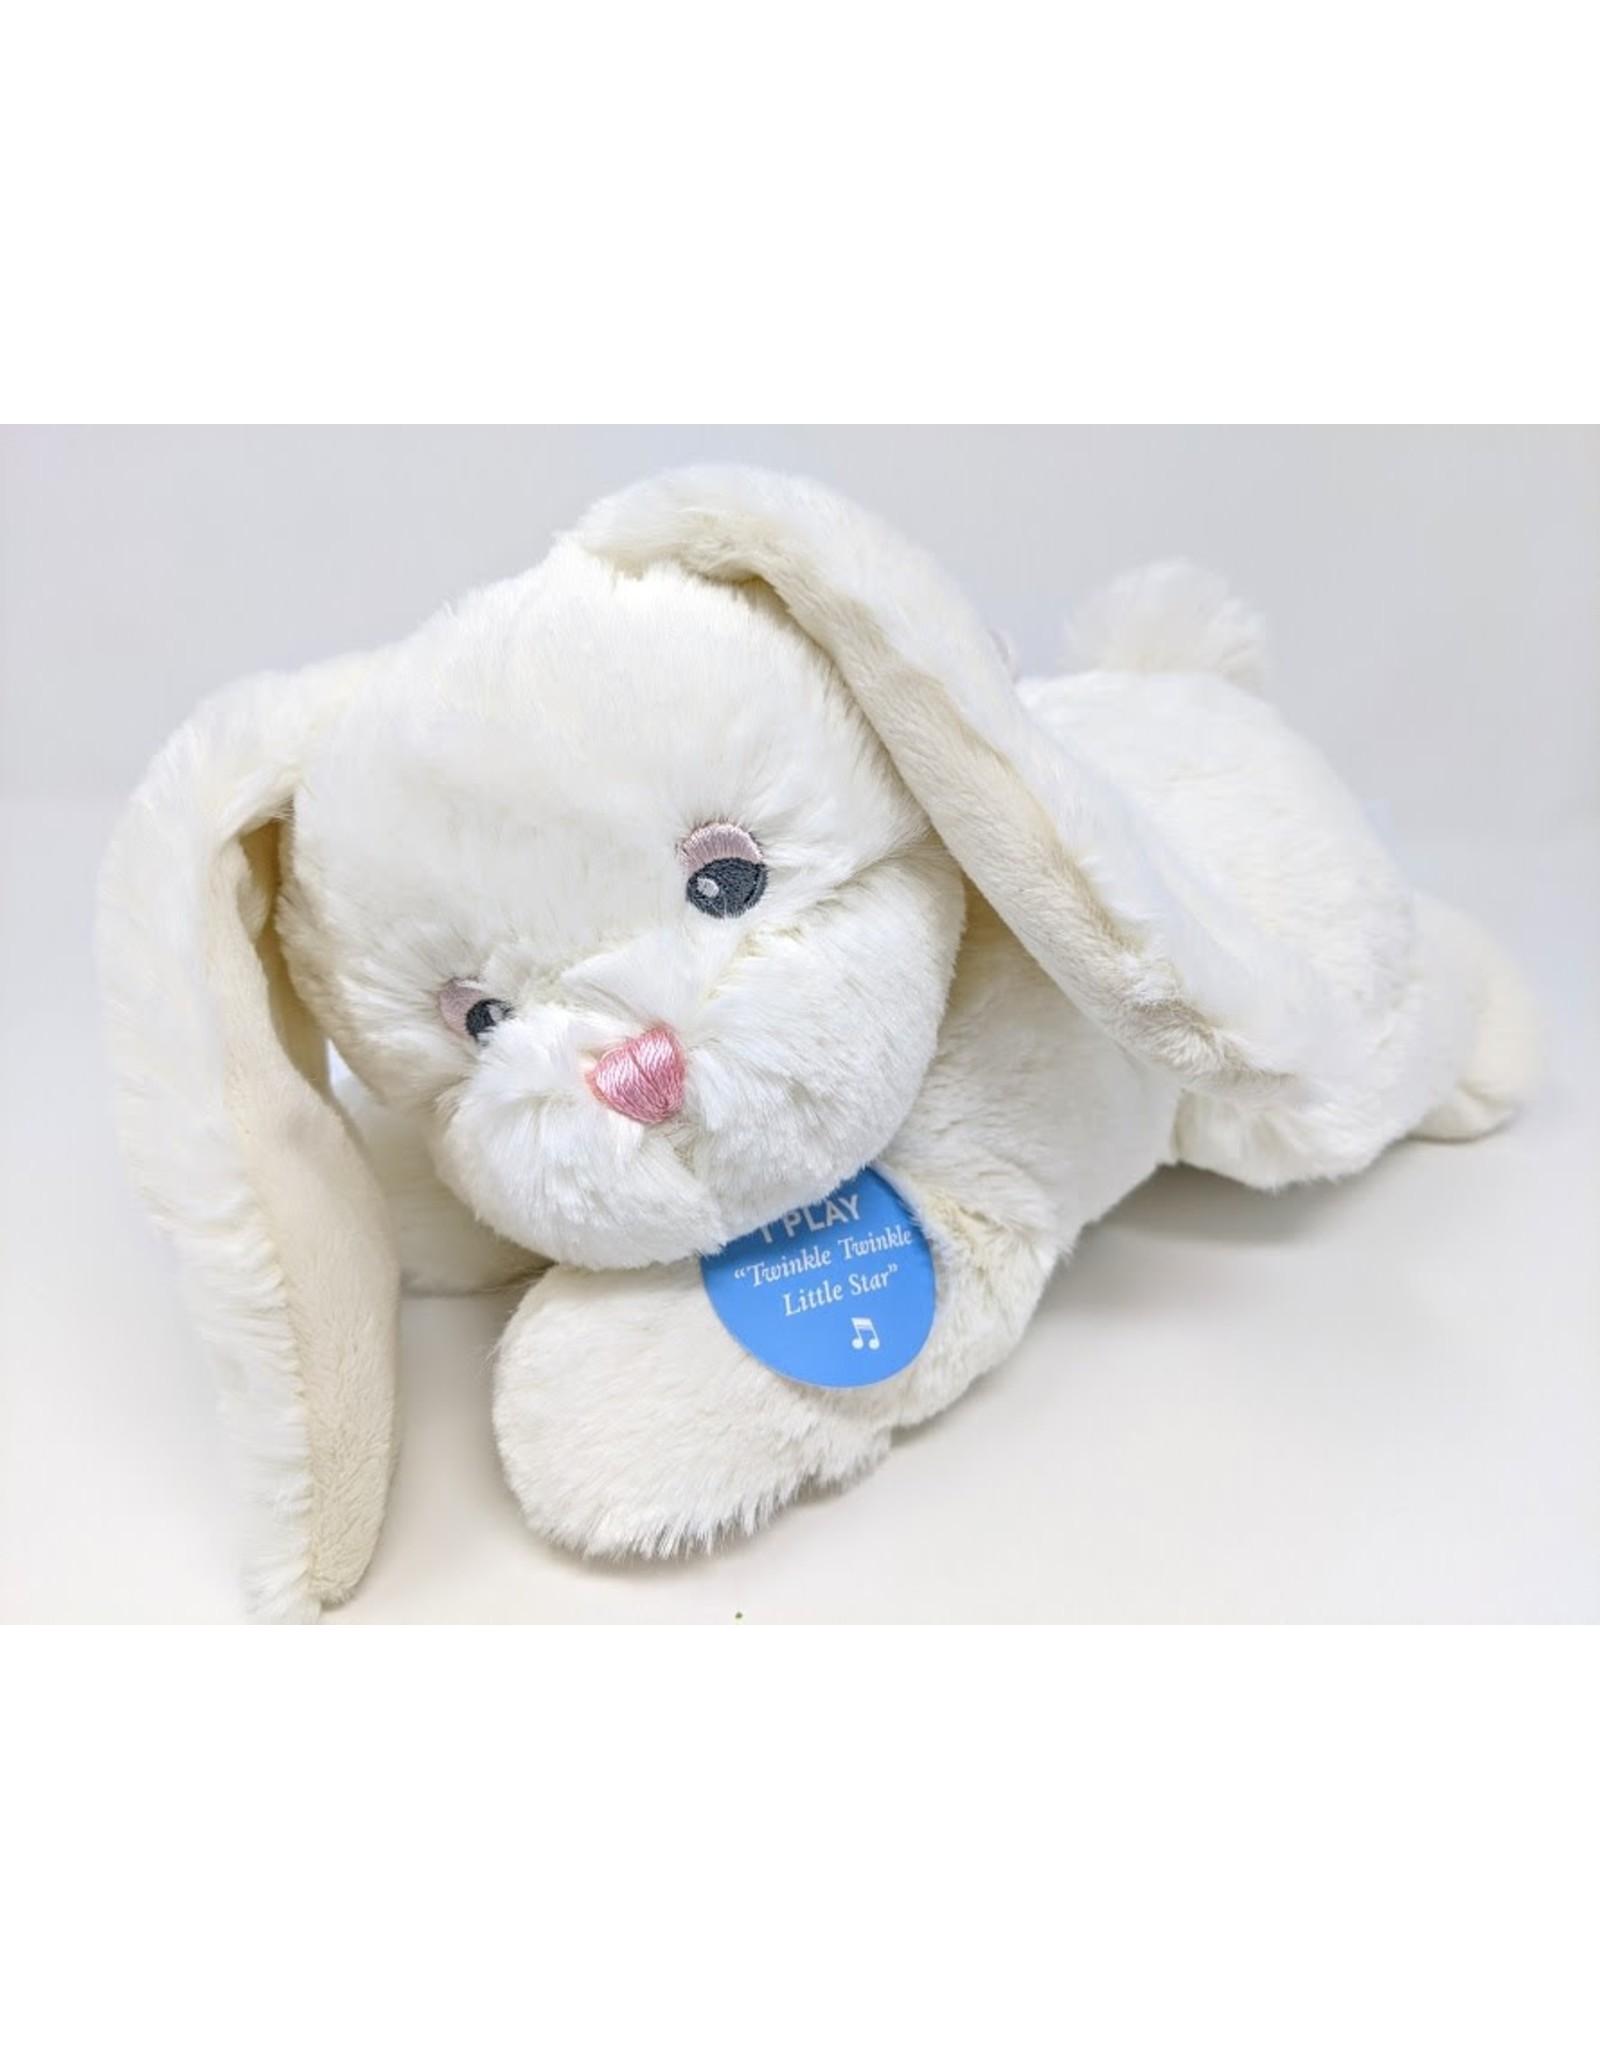 Ebba Sleepytime Bunny - musical